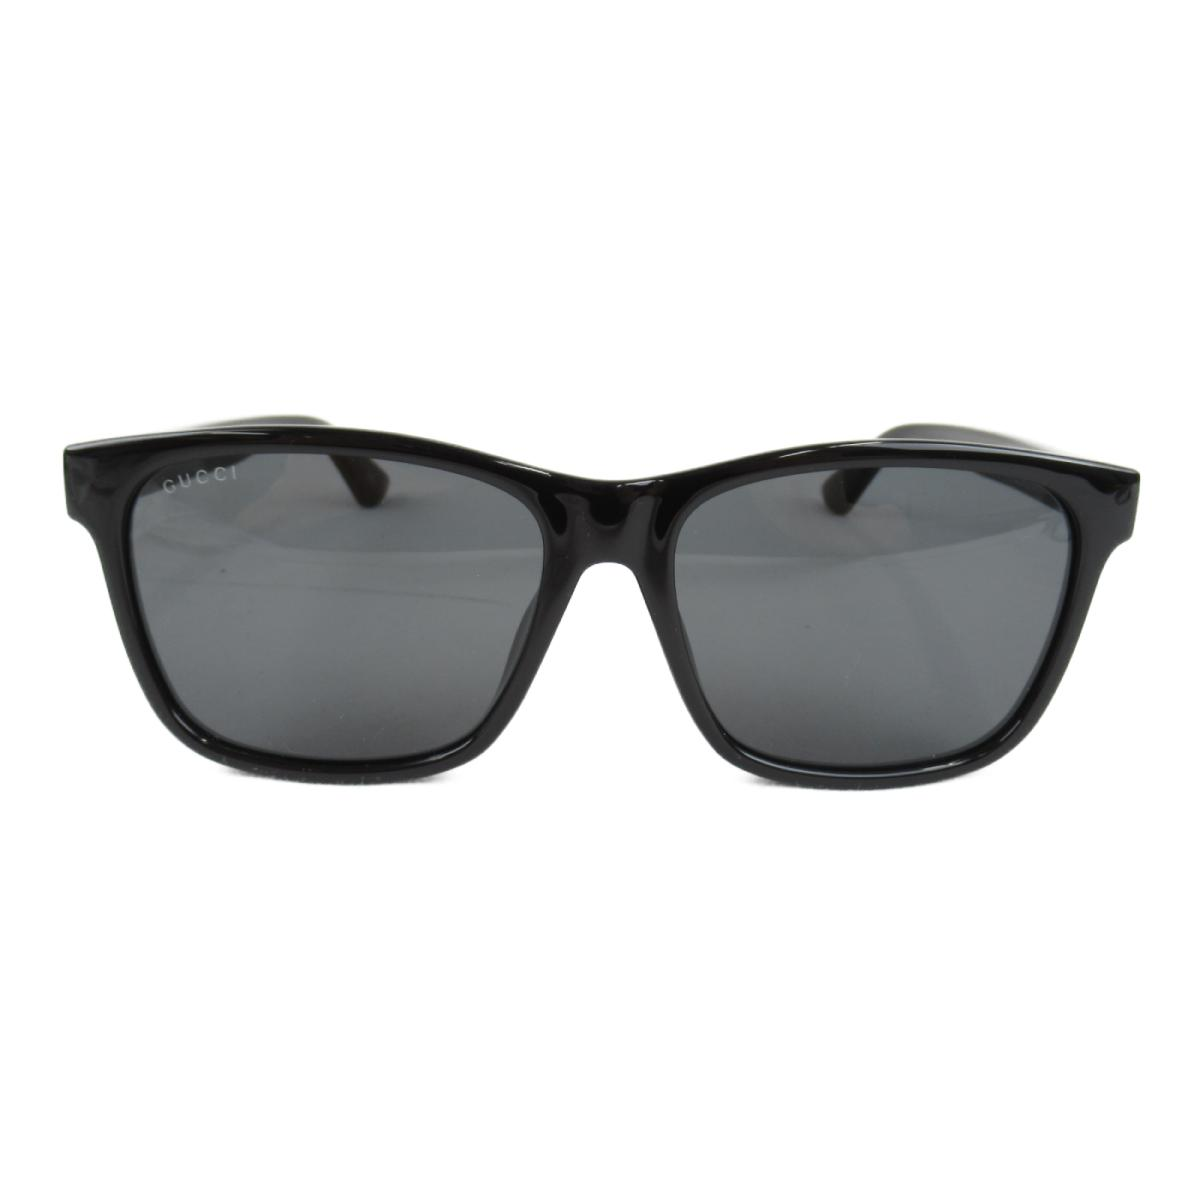 グッチ サングラス アクセサリー メンズ レディース レンズ・フレーム・テンプル:プラスチック ブラック x (0746SA 1 57ロ16-145)   GUCCI BRANDOFF ブランドオフ ブランド ブランド雑貨 小物 雑貨 眼鏡 メガネ めがね